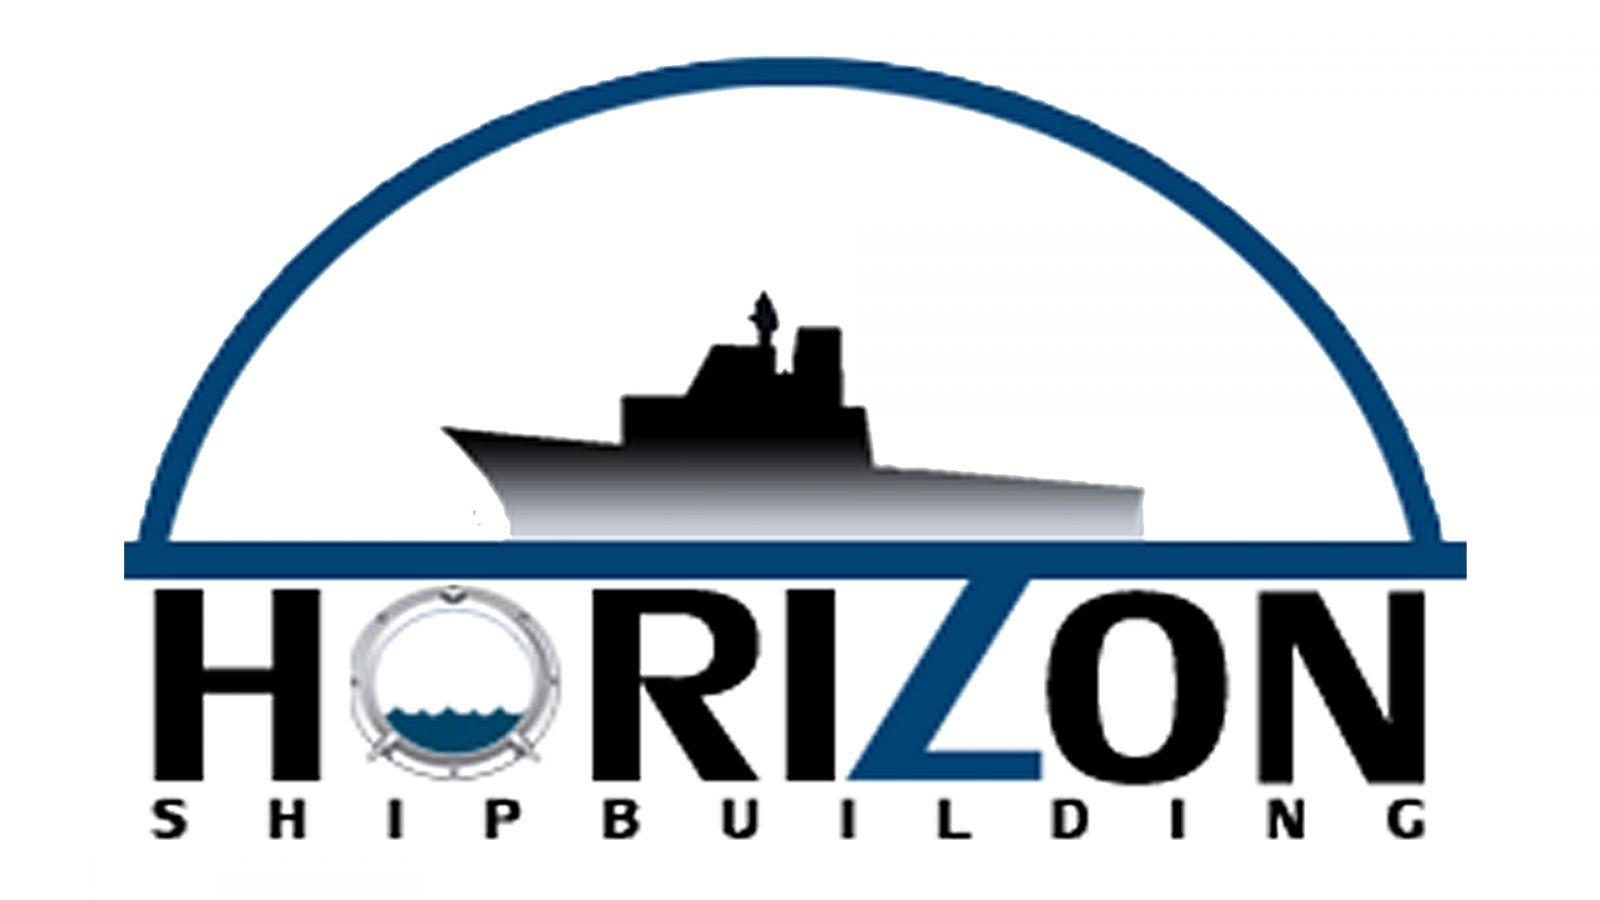 Horizon Shipbuilding logo